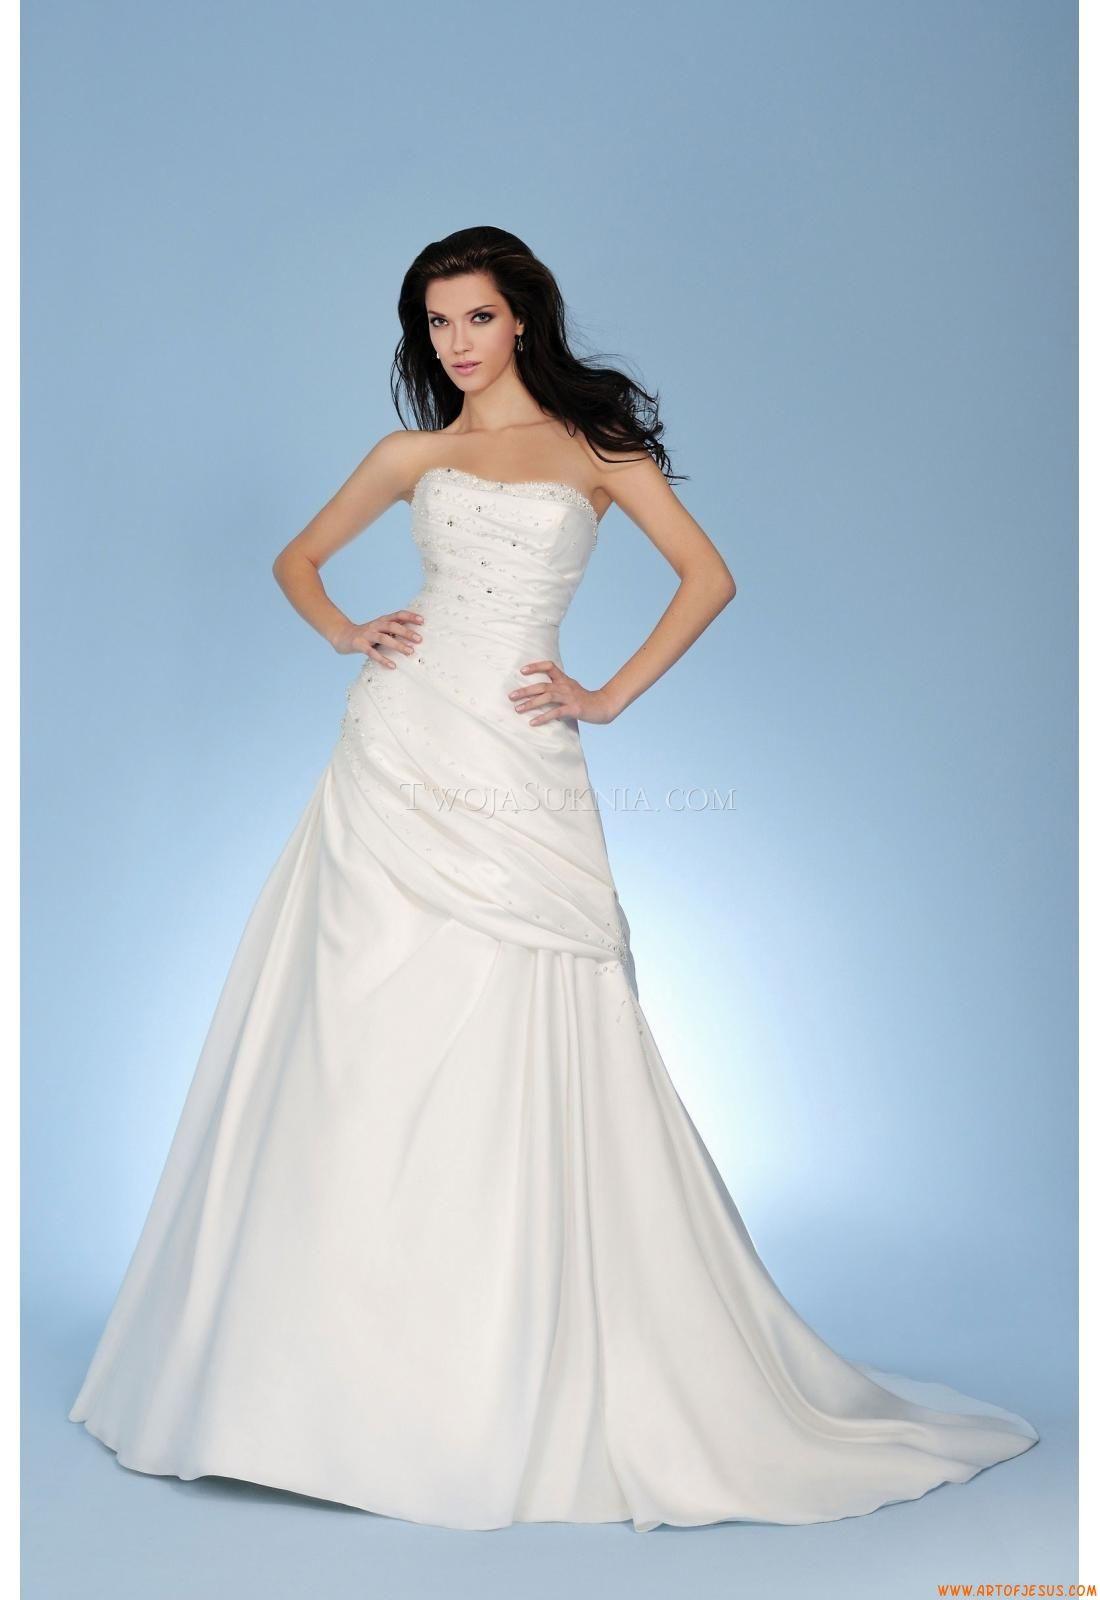 Maßgeschneiderte Elegante Schlichte Brautkleider aus Taft mit Kris ...